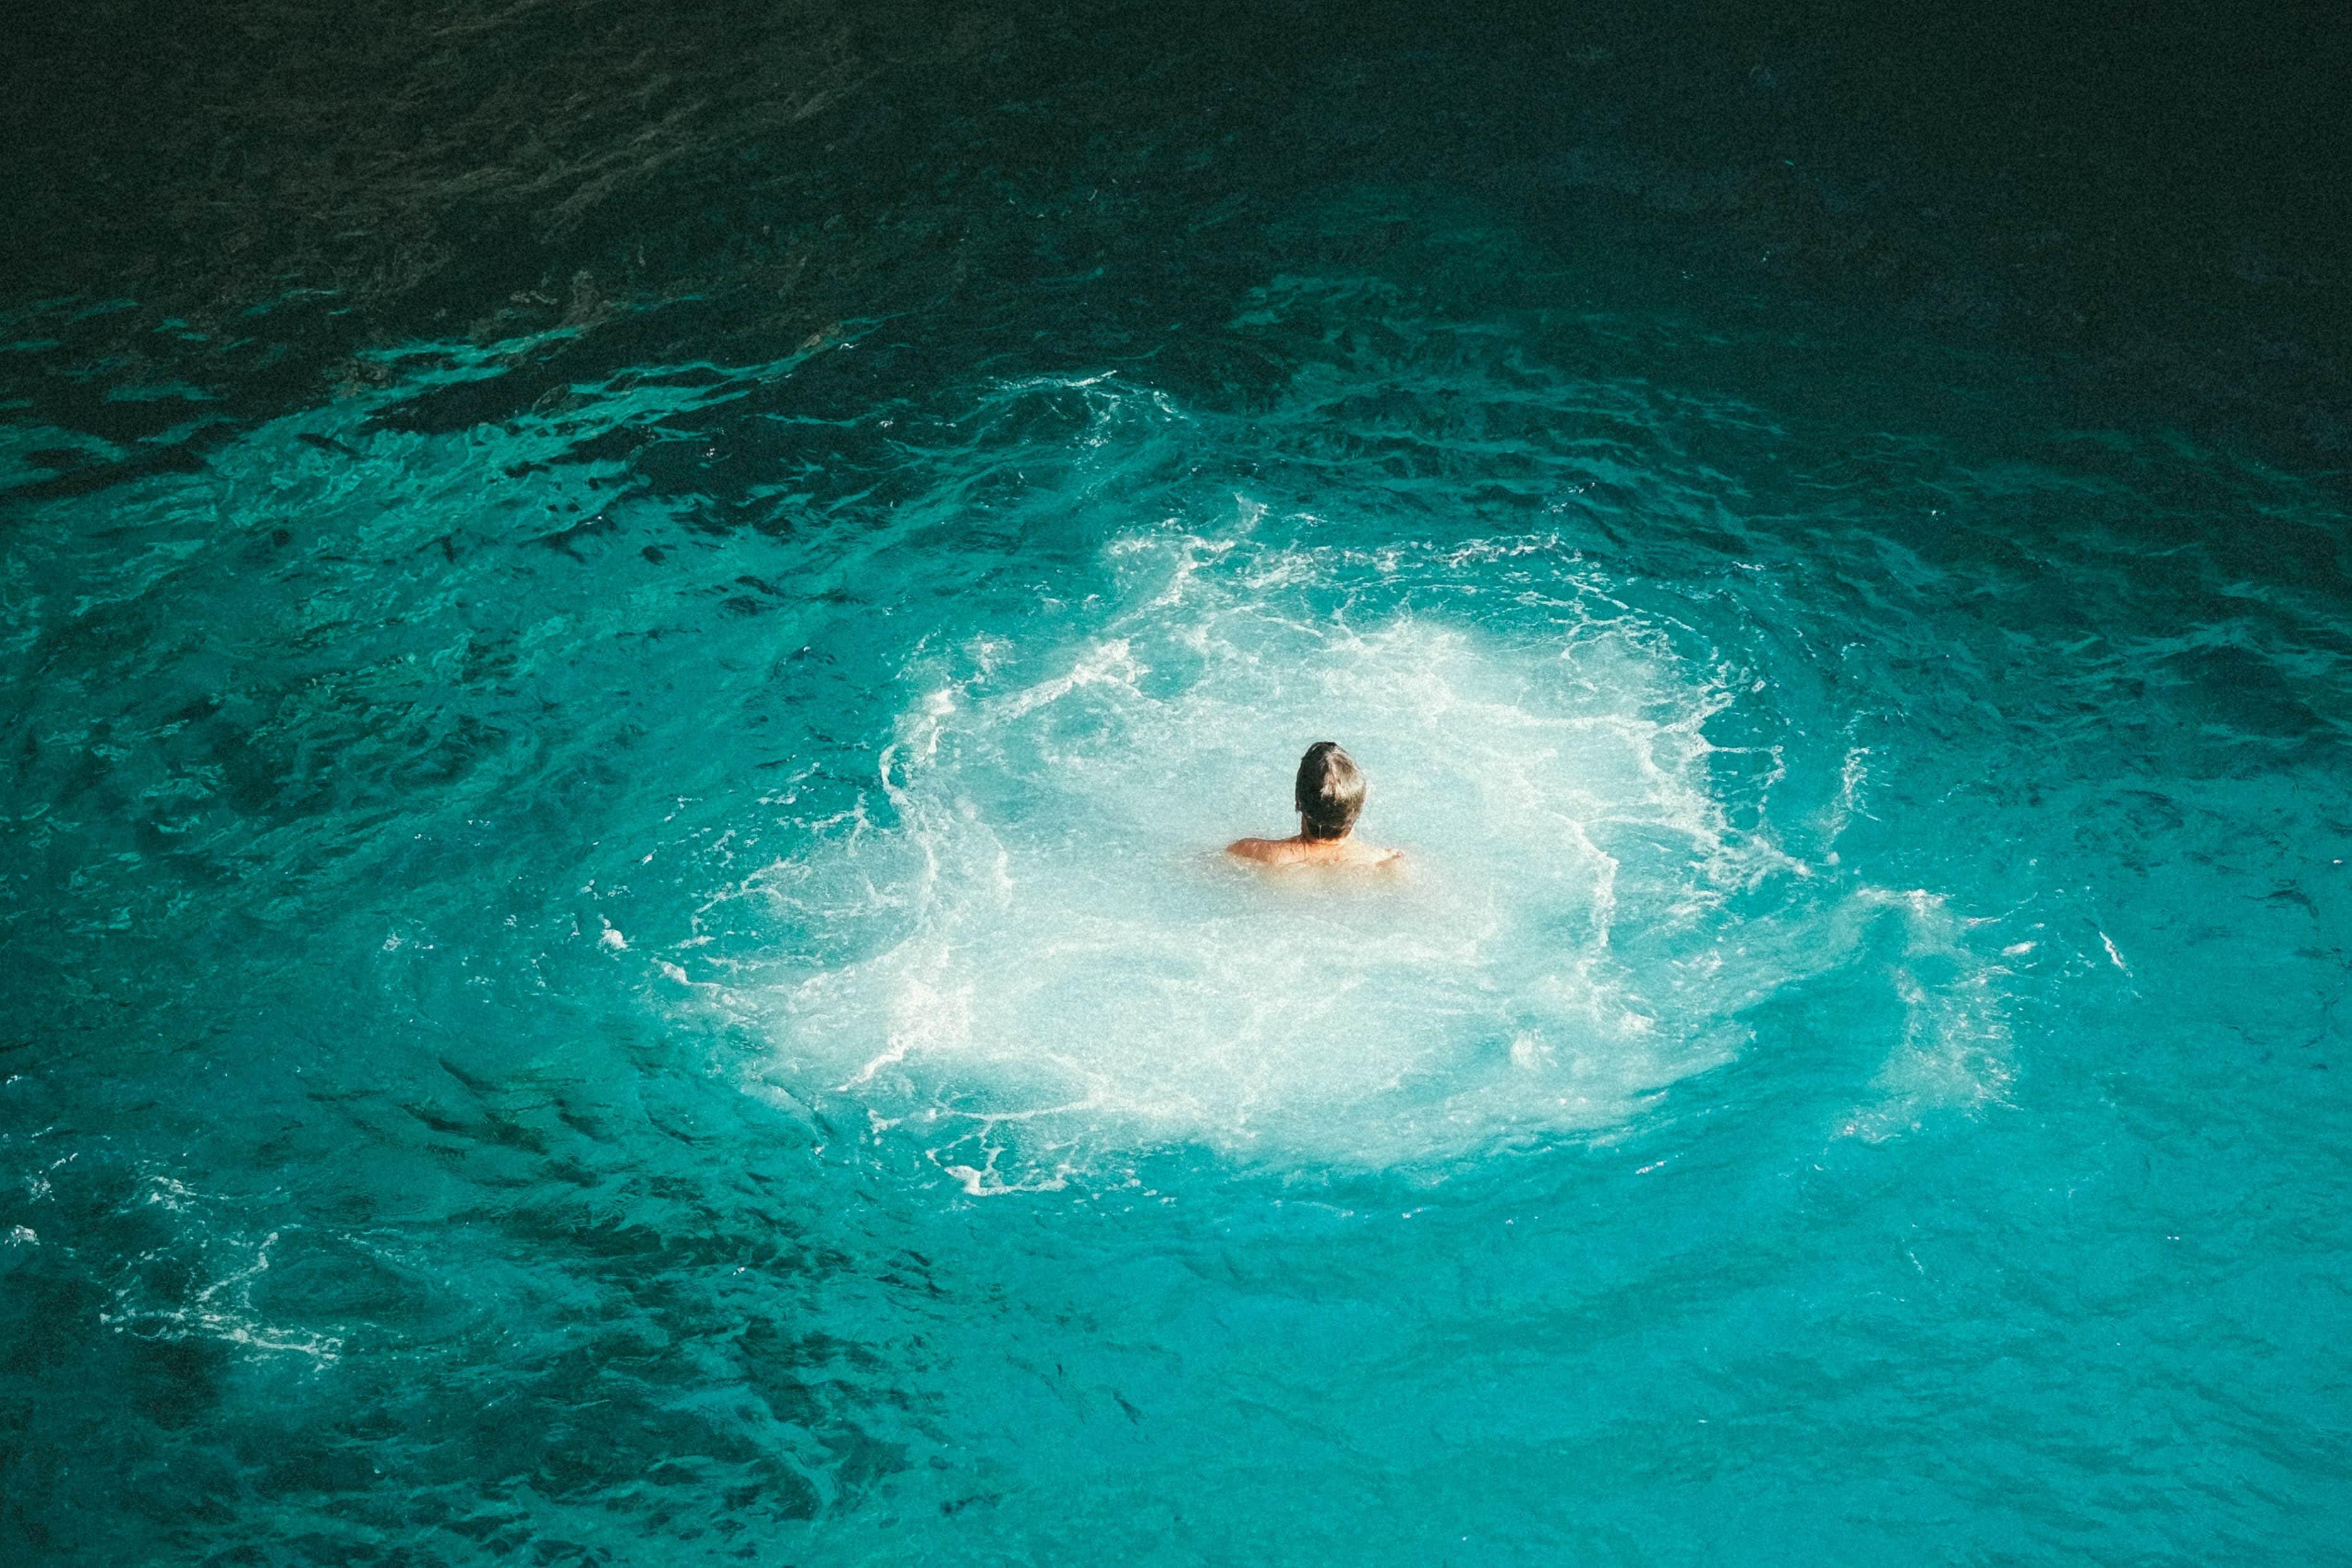 Mensch schwimmt allein im Wasser mit Strudeln